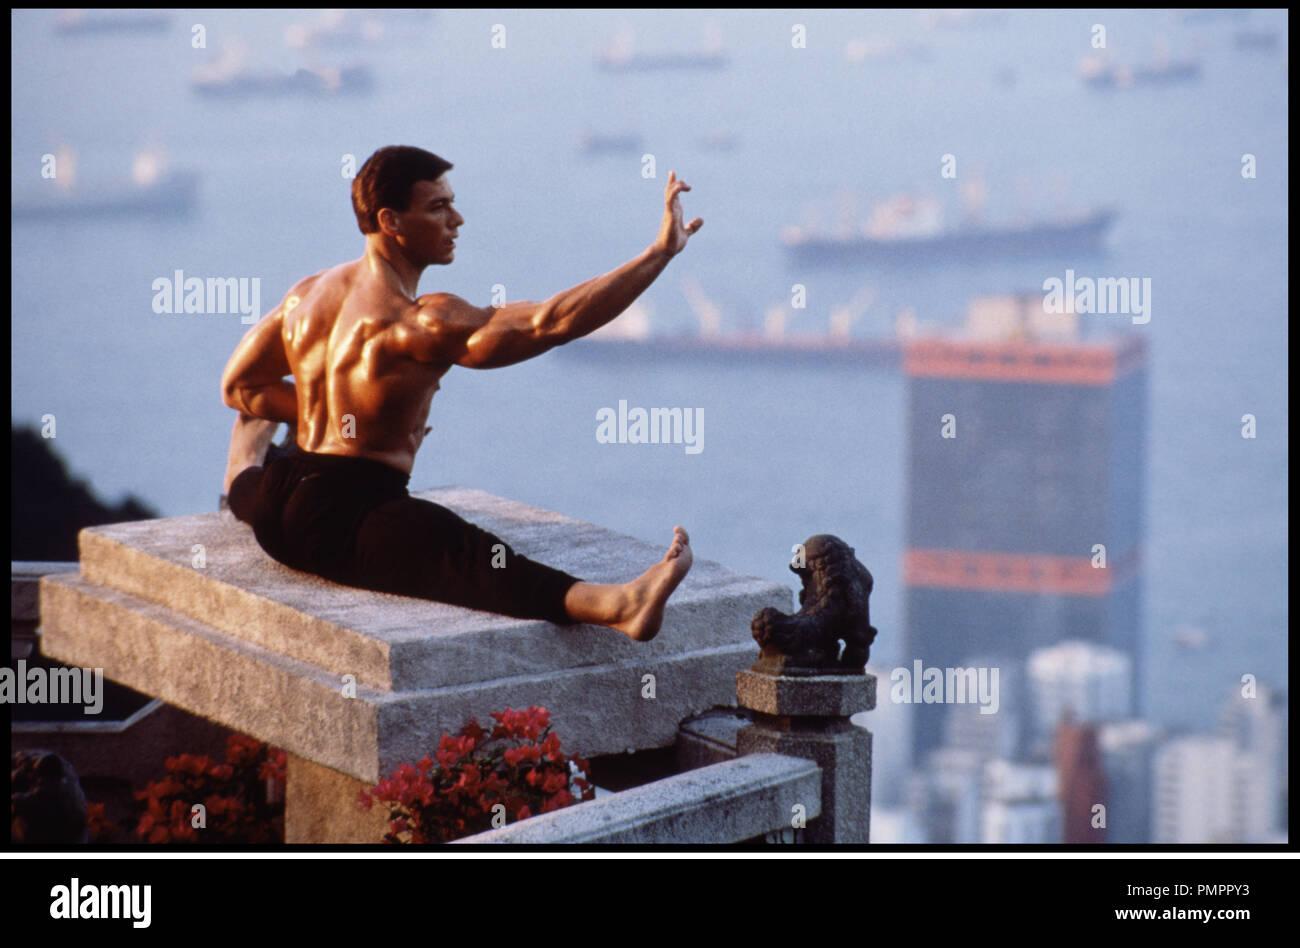 Prod DB © Cannon Films / DR BLOODSPORT, TOUS LES COUPS SONT PERMIS (BLOODSPORT) de Newt Arnold 1988 USA avec Jean-Claude Van Damme arts martiaux, concentration - Stock Image